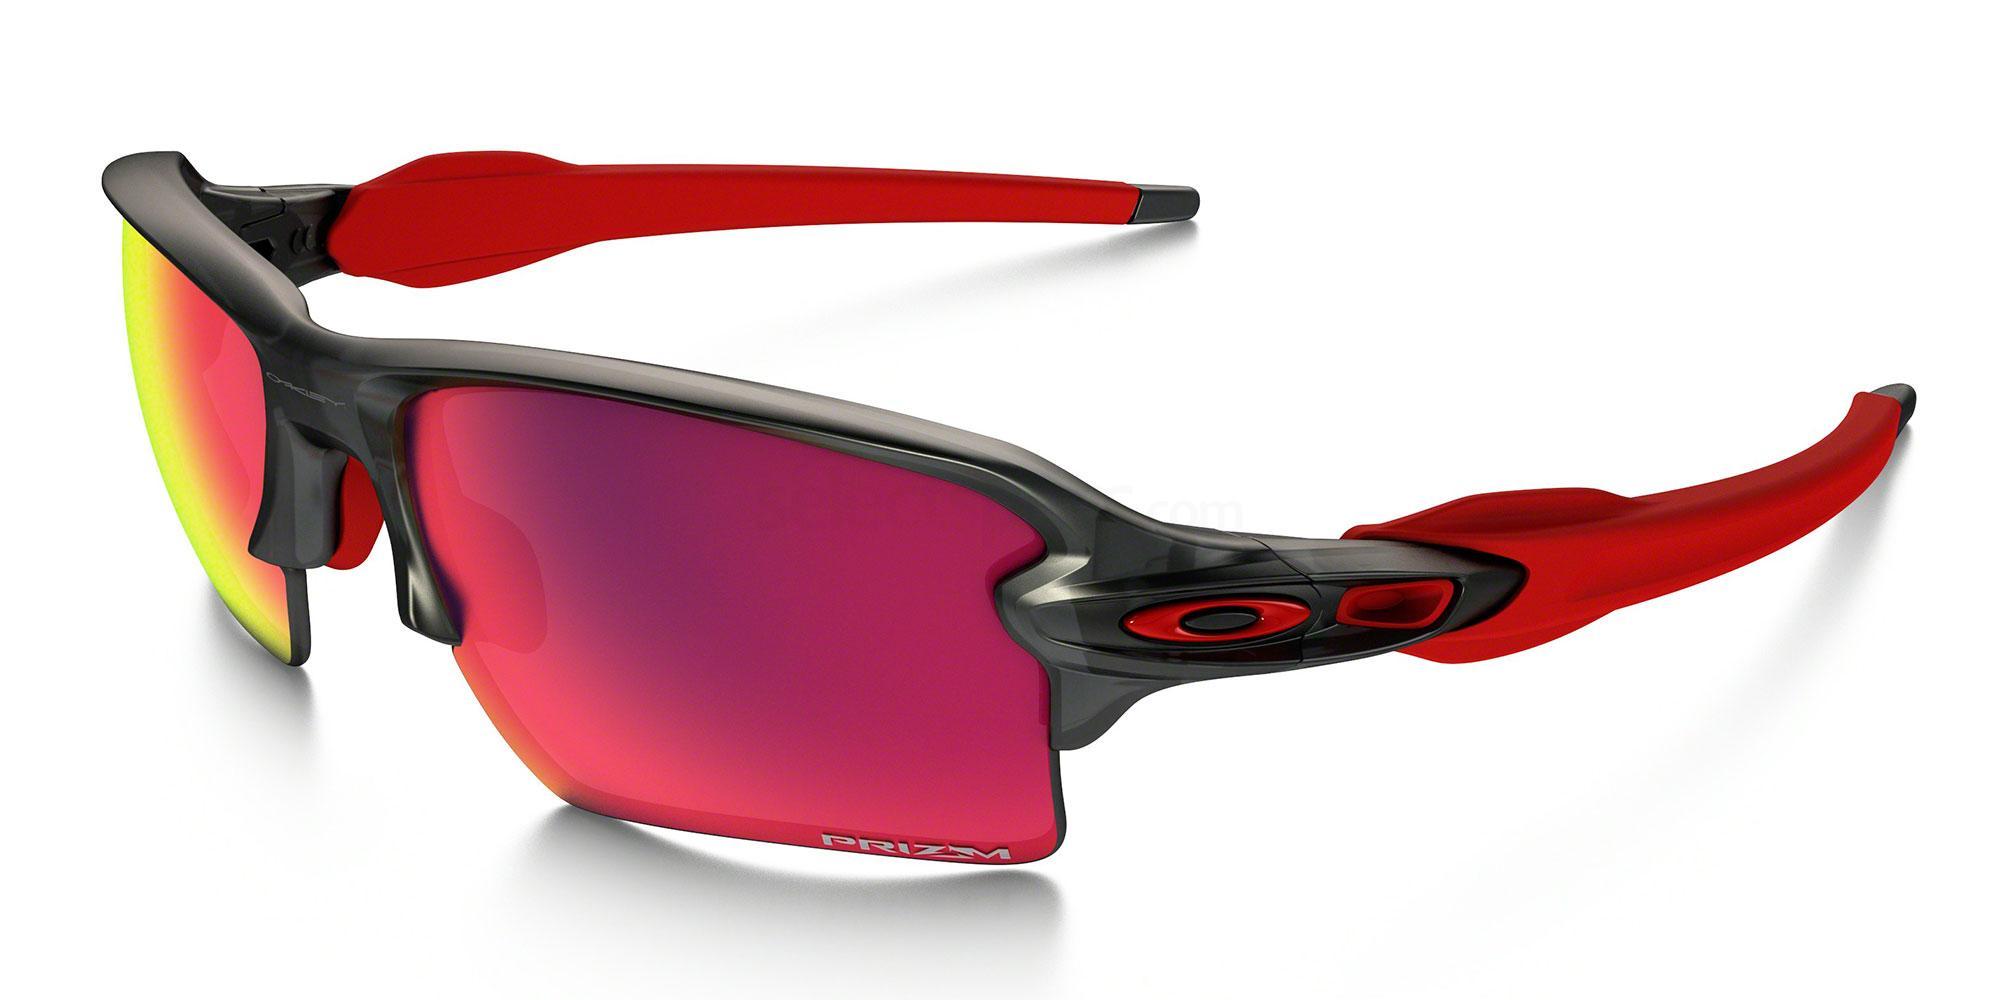 918804 OO9188 PRIZM ROAD FLAK 2.0 XL Sunglasses, Oakley